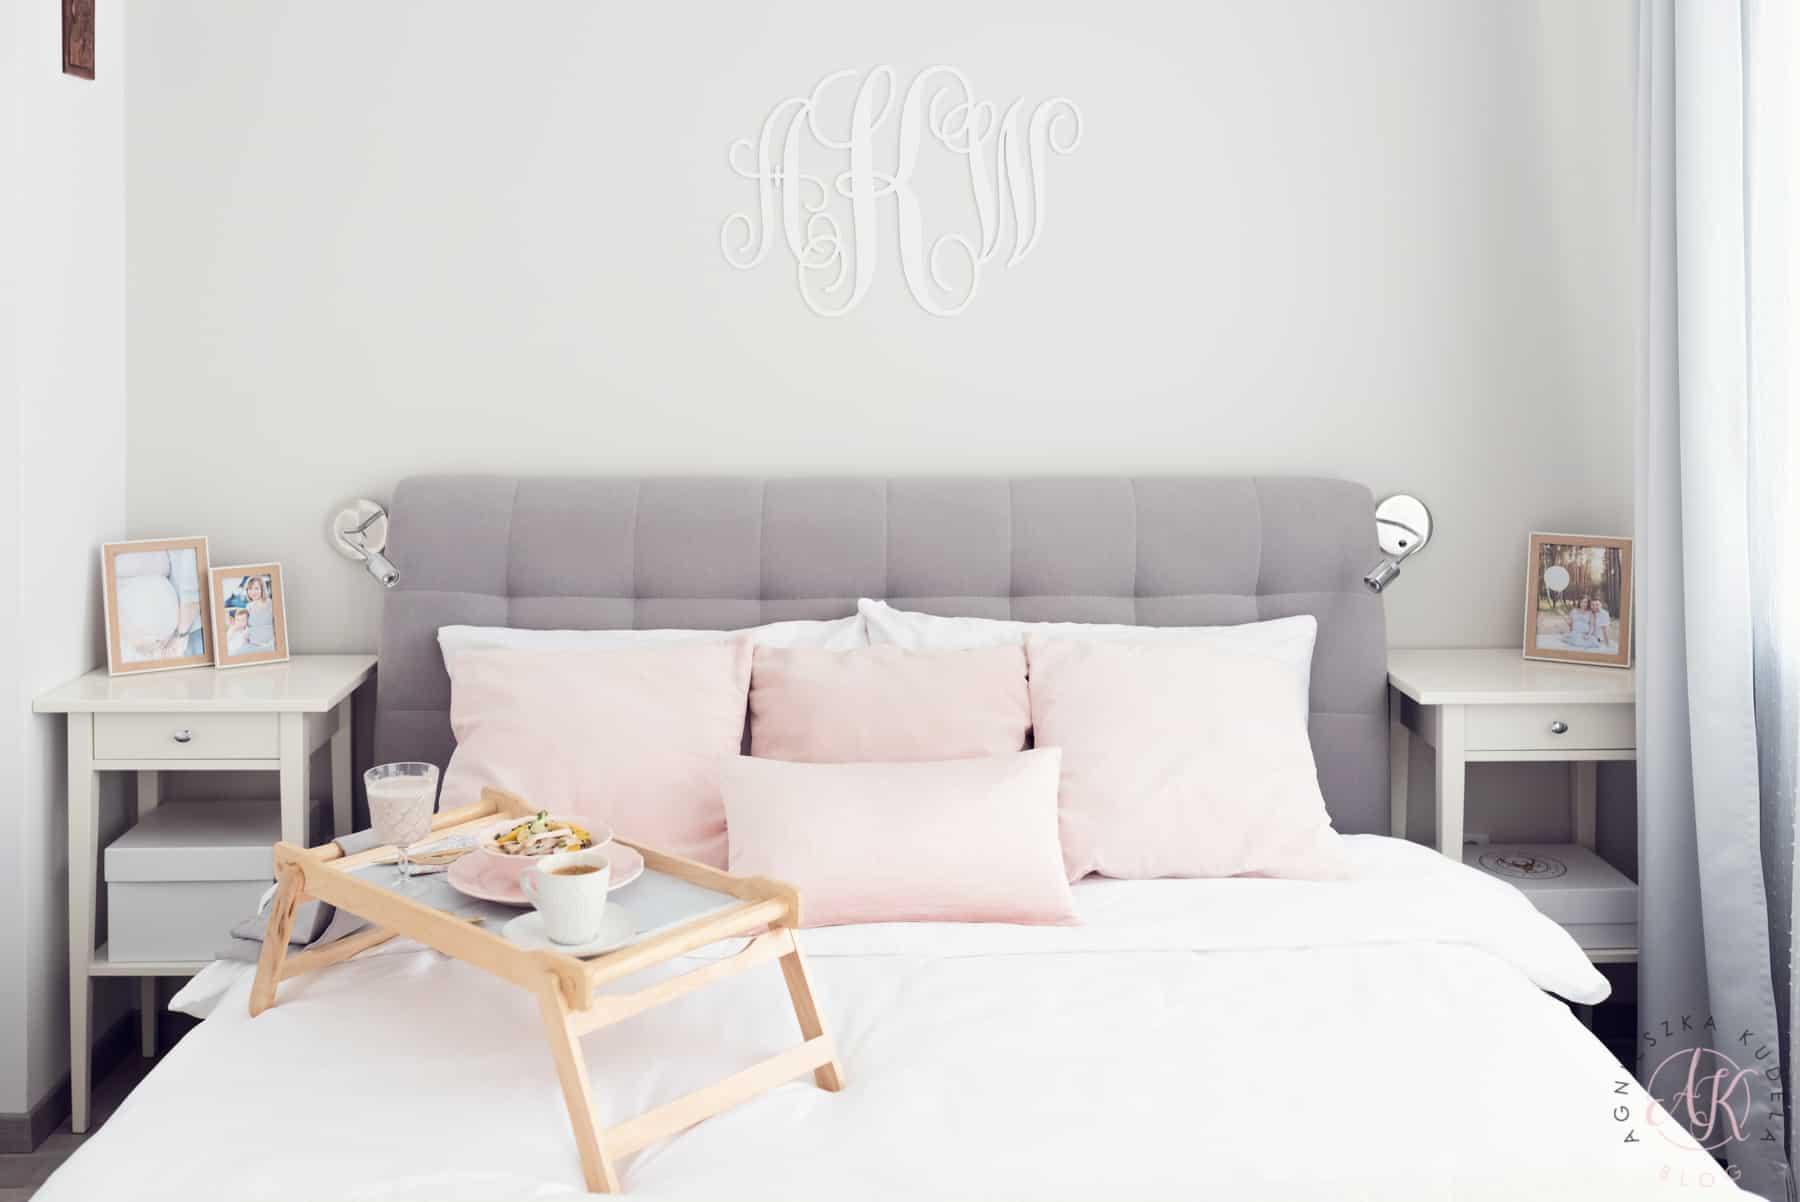 szara sypialnia, biała pościel, poduszki dekoracyjne, monogram, taca ze śniadaniem